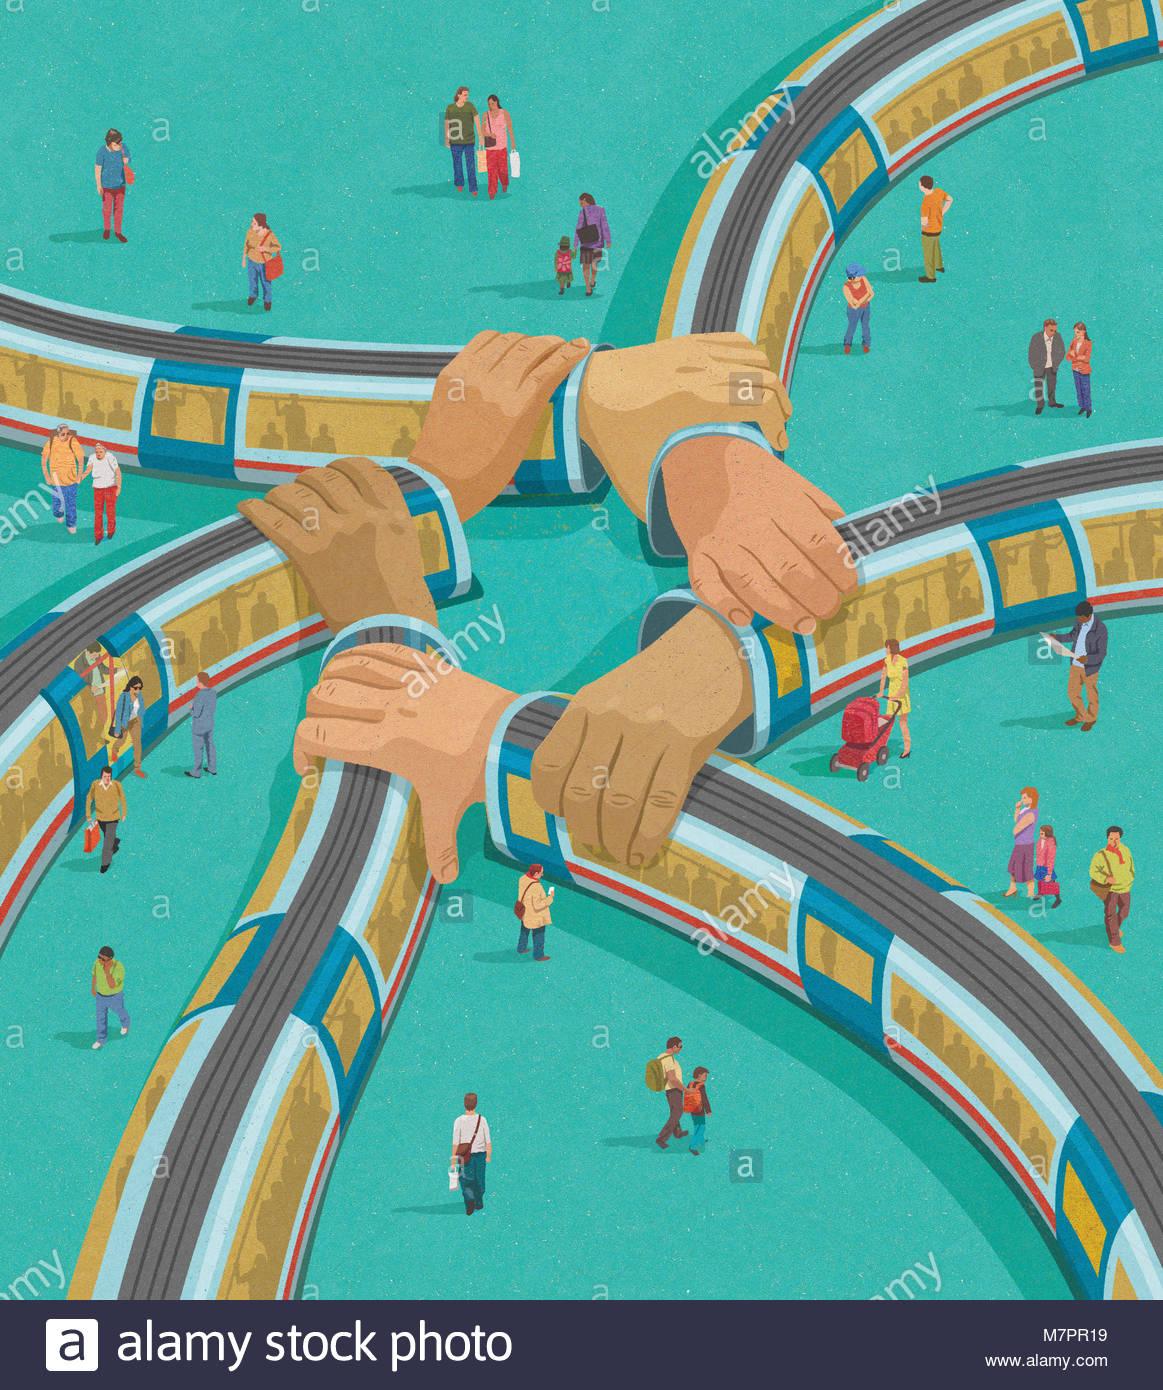 Los trenes la interconexión como brazos conectados Imagen De Stock